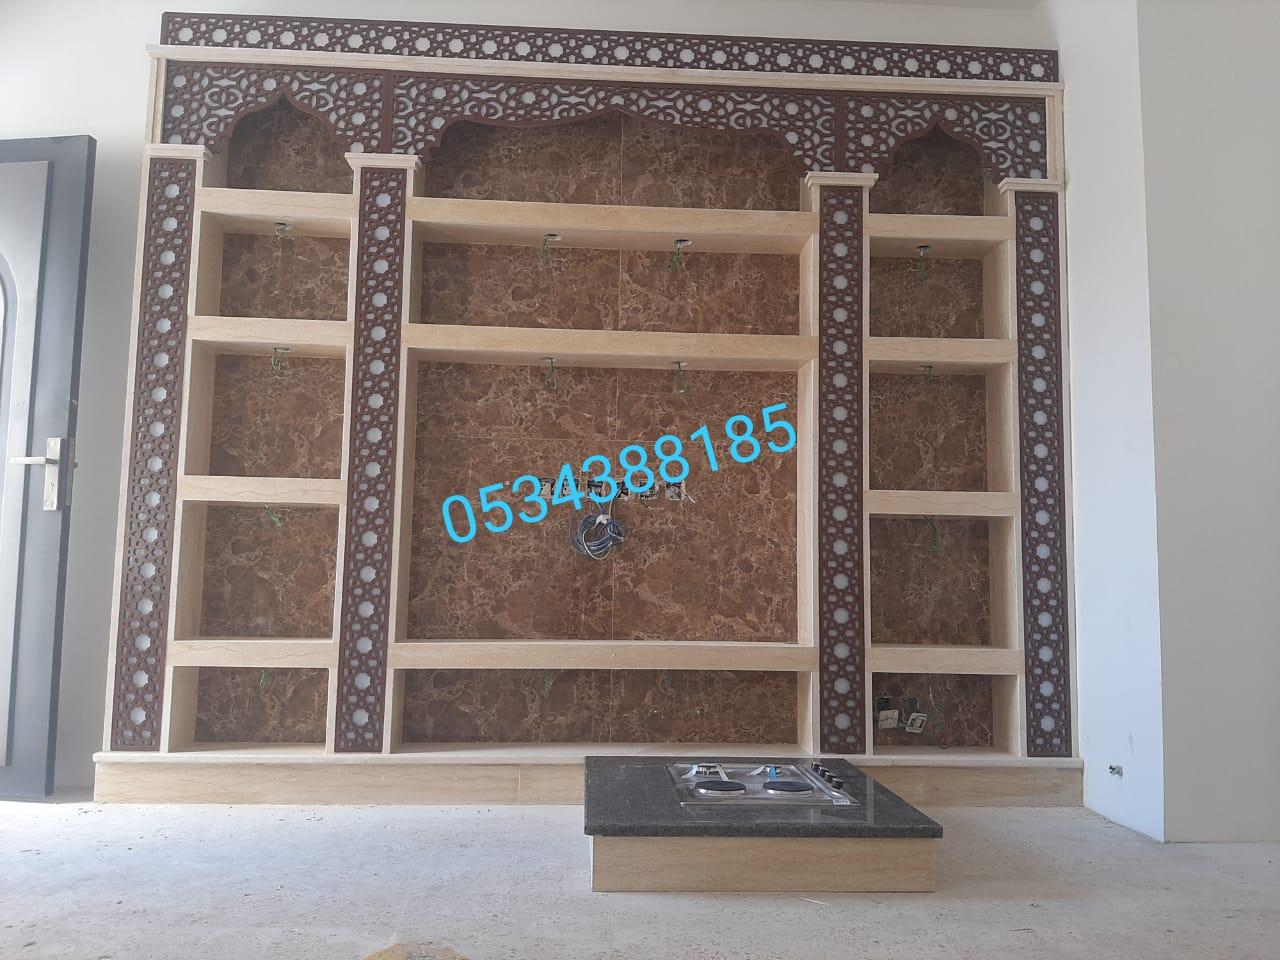 مشبات ,ديكور مشبات,صور مشبات حديثه,صور مشبات خشبيه,  P_1812eevgn2